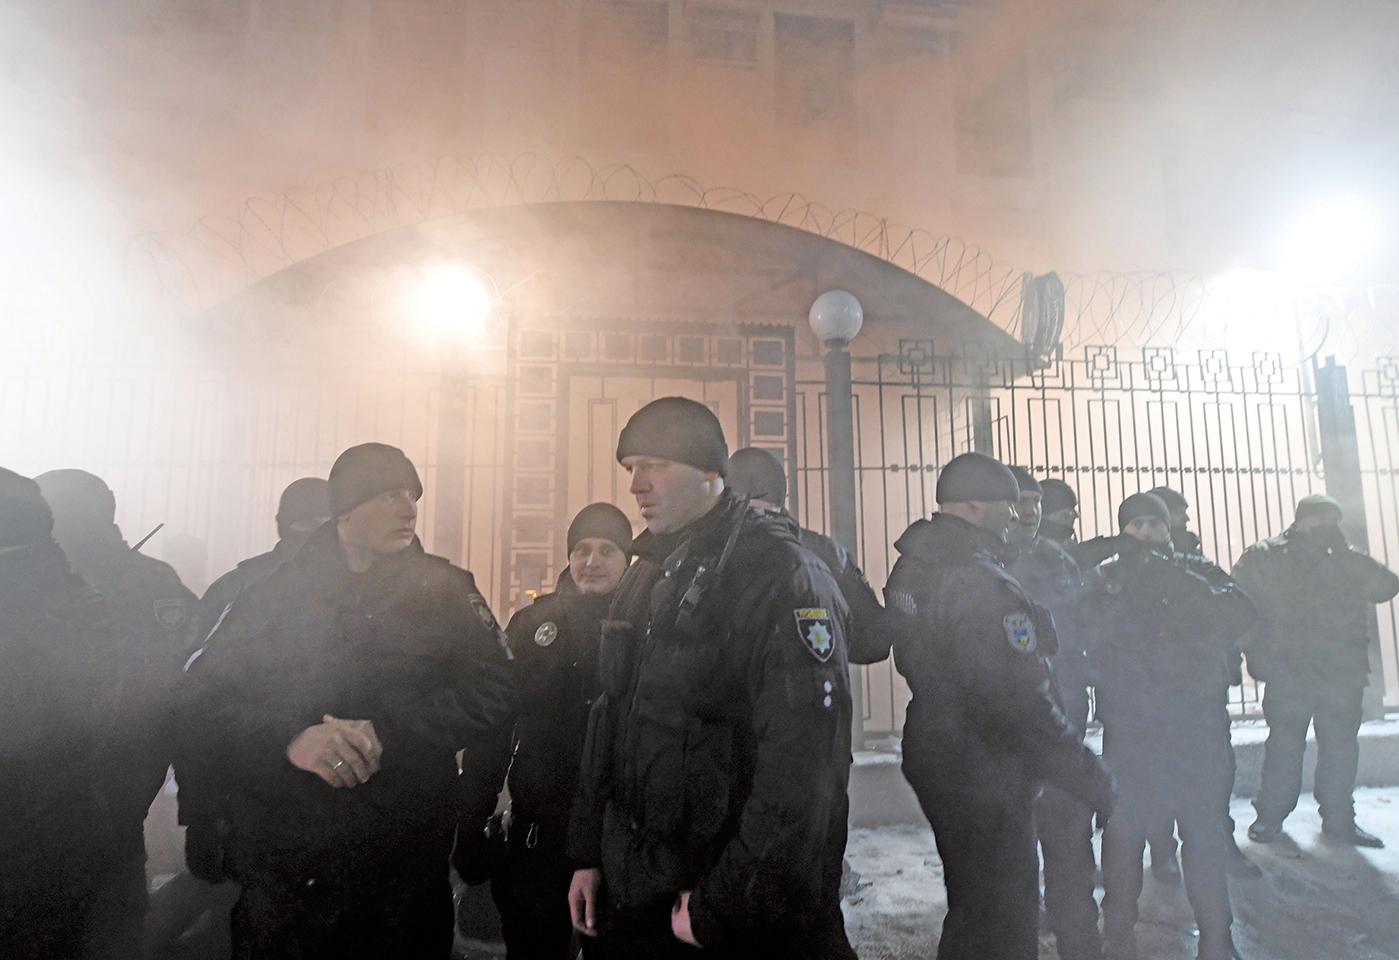 11月25日,俄羅斯與烏克蘭在黑海爆發軍事衝突,事件發生後當晚,抗議者向俄羅斯駐基輔大使館門前投擲煙霧彈。(AFP)